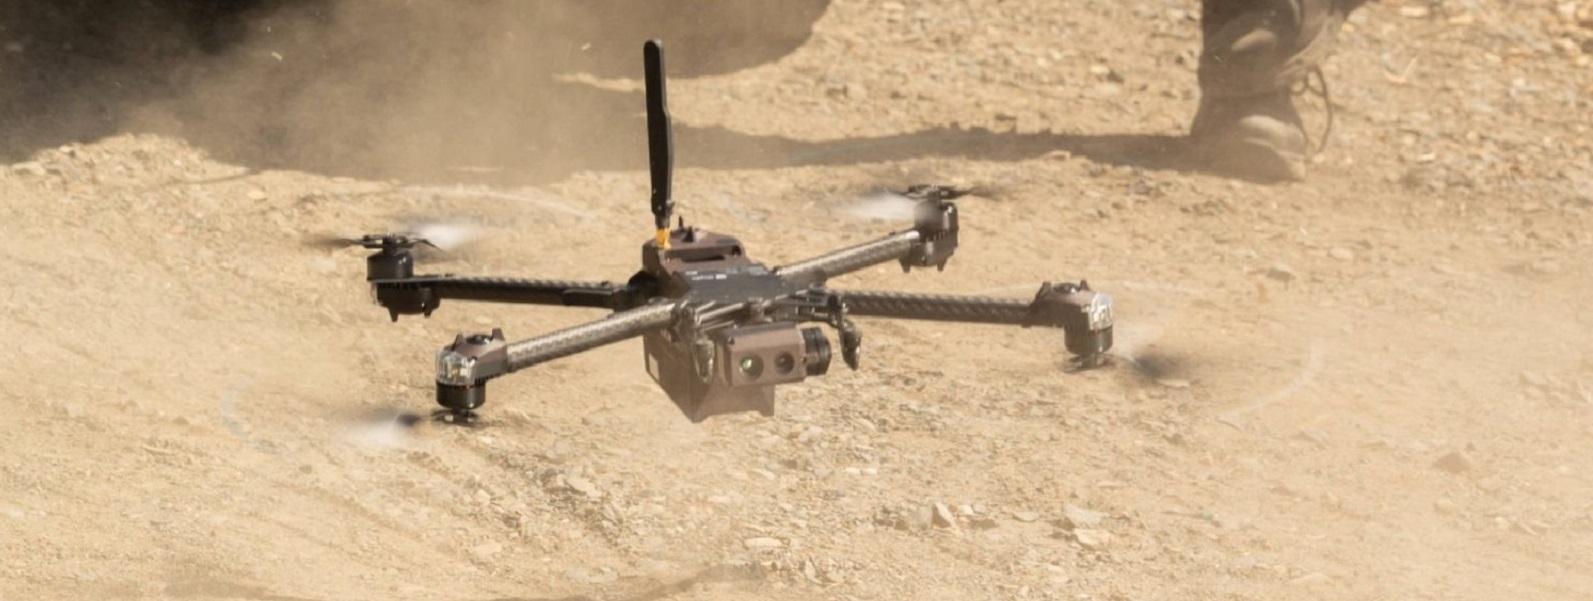 Технологические компании получают миллионы от Министерства обороны США в связи с COVID-19